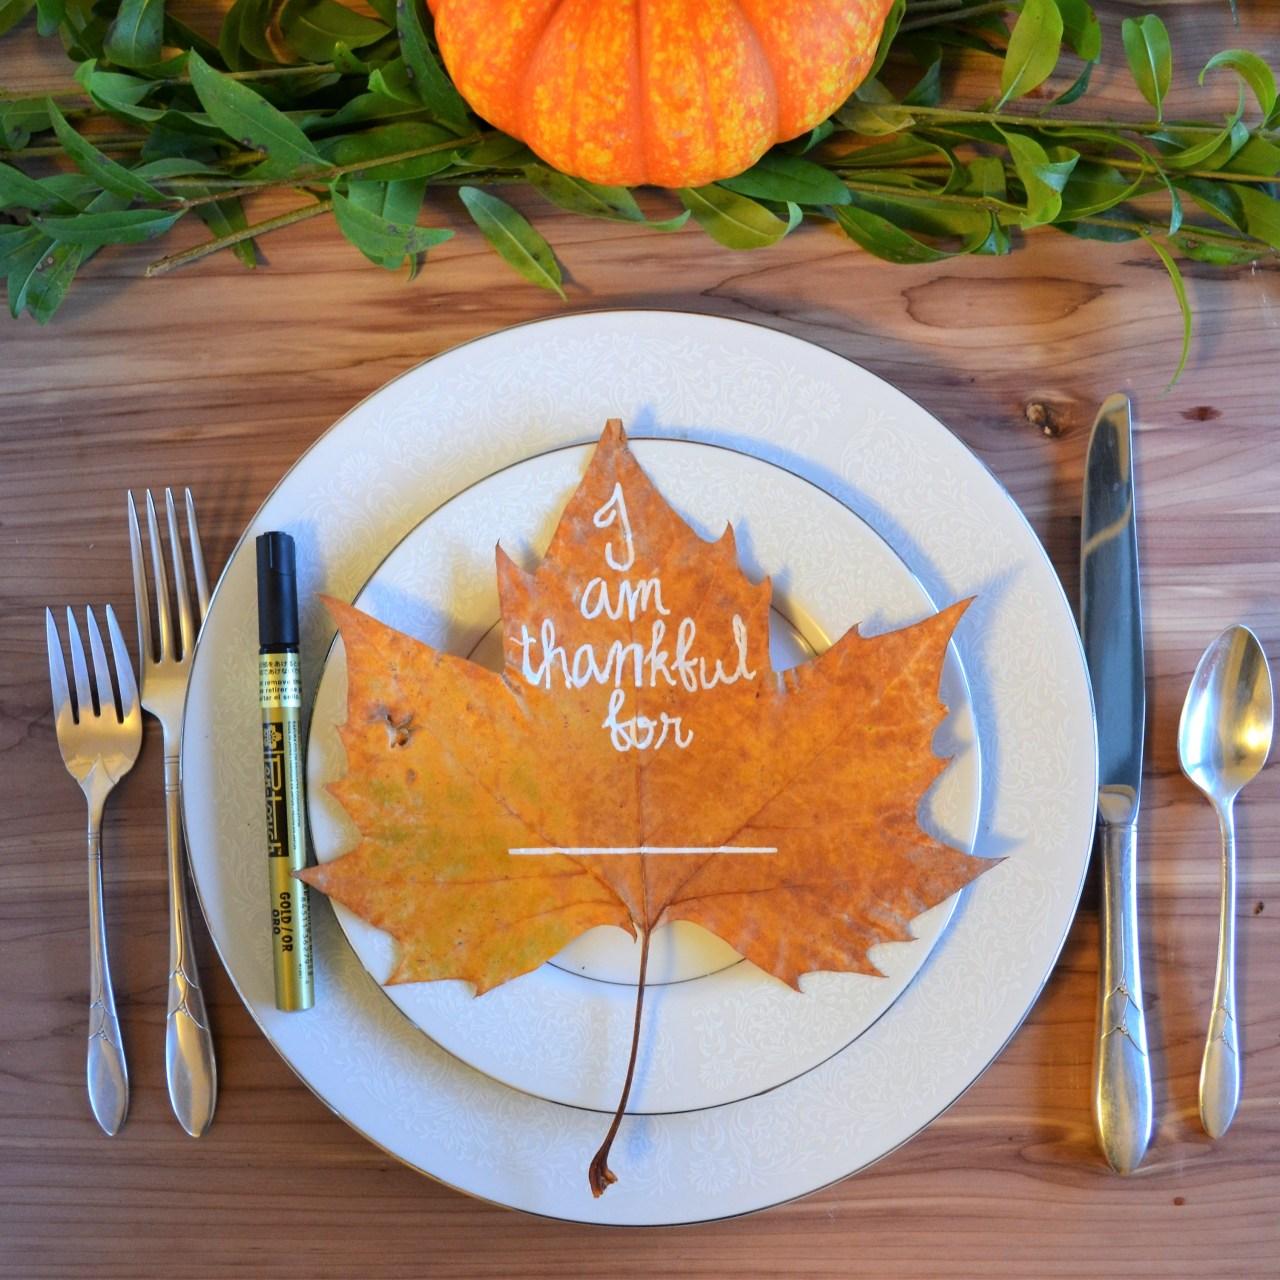 DIY Thanksgiving Table Décor